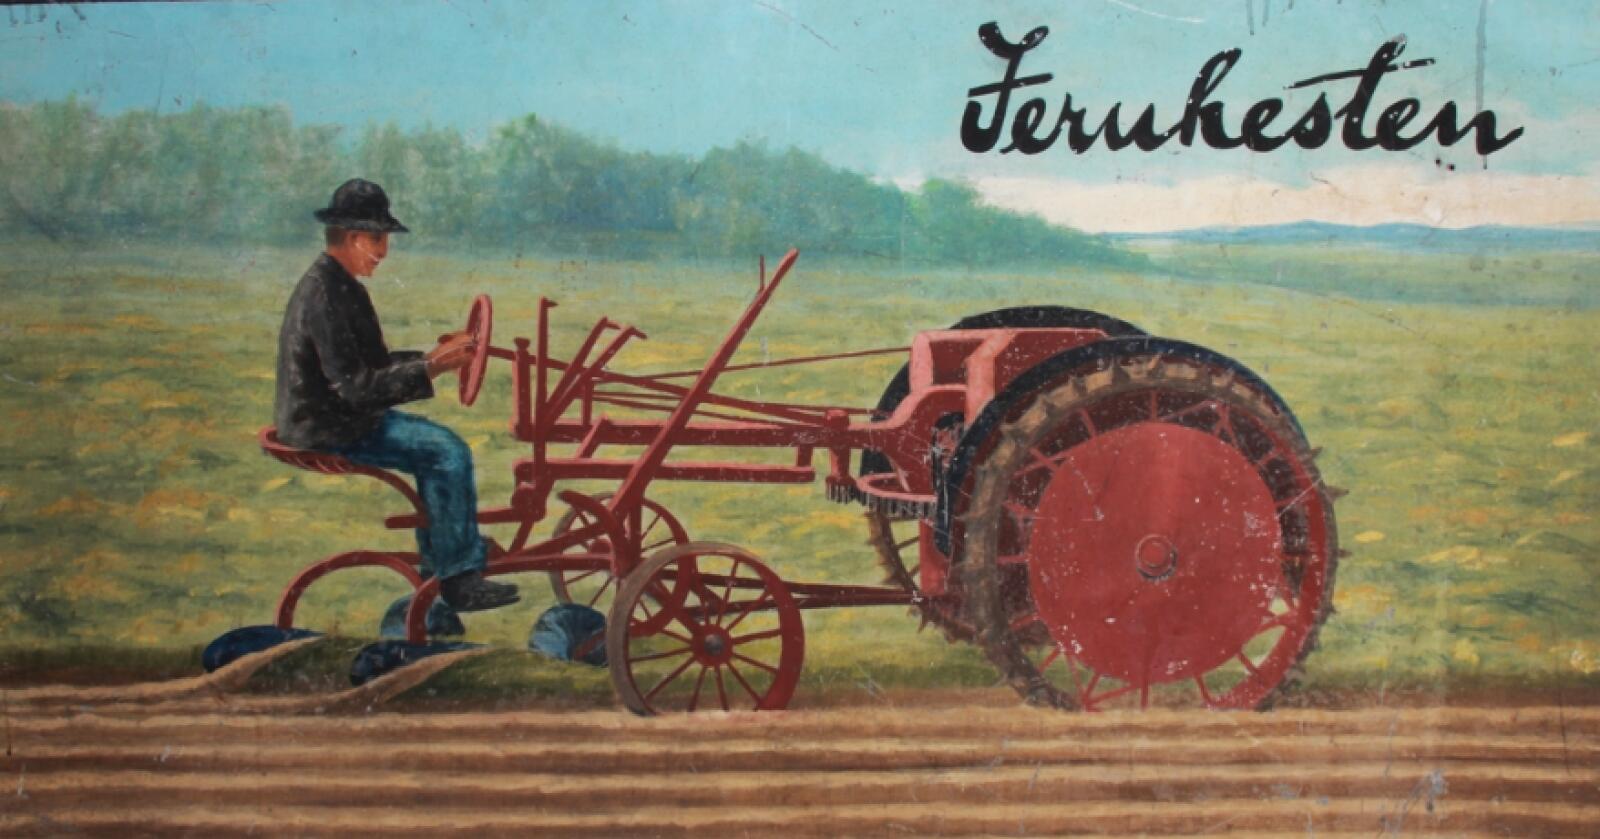 Jernhest: I 1917 startet Christian Eik salget av «Jernhesten» fra Moline Plow.